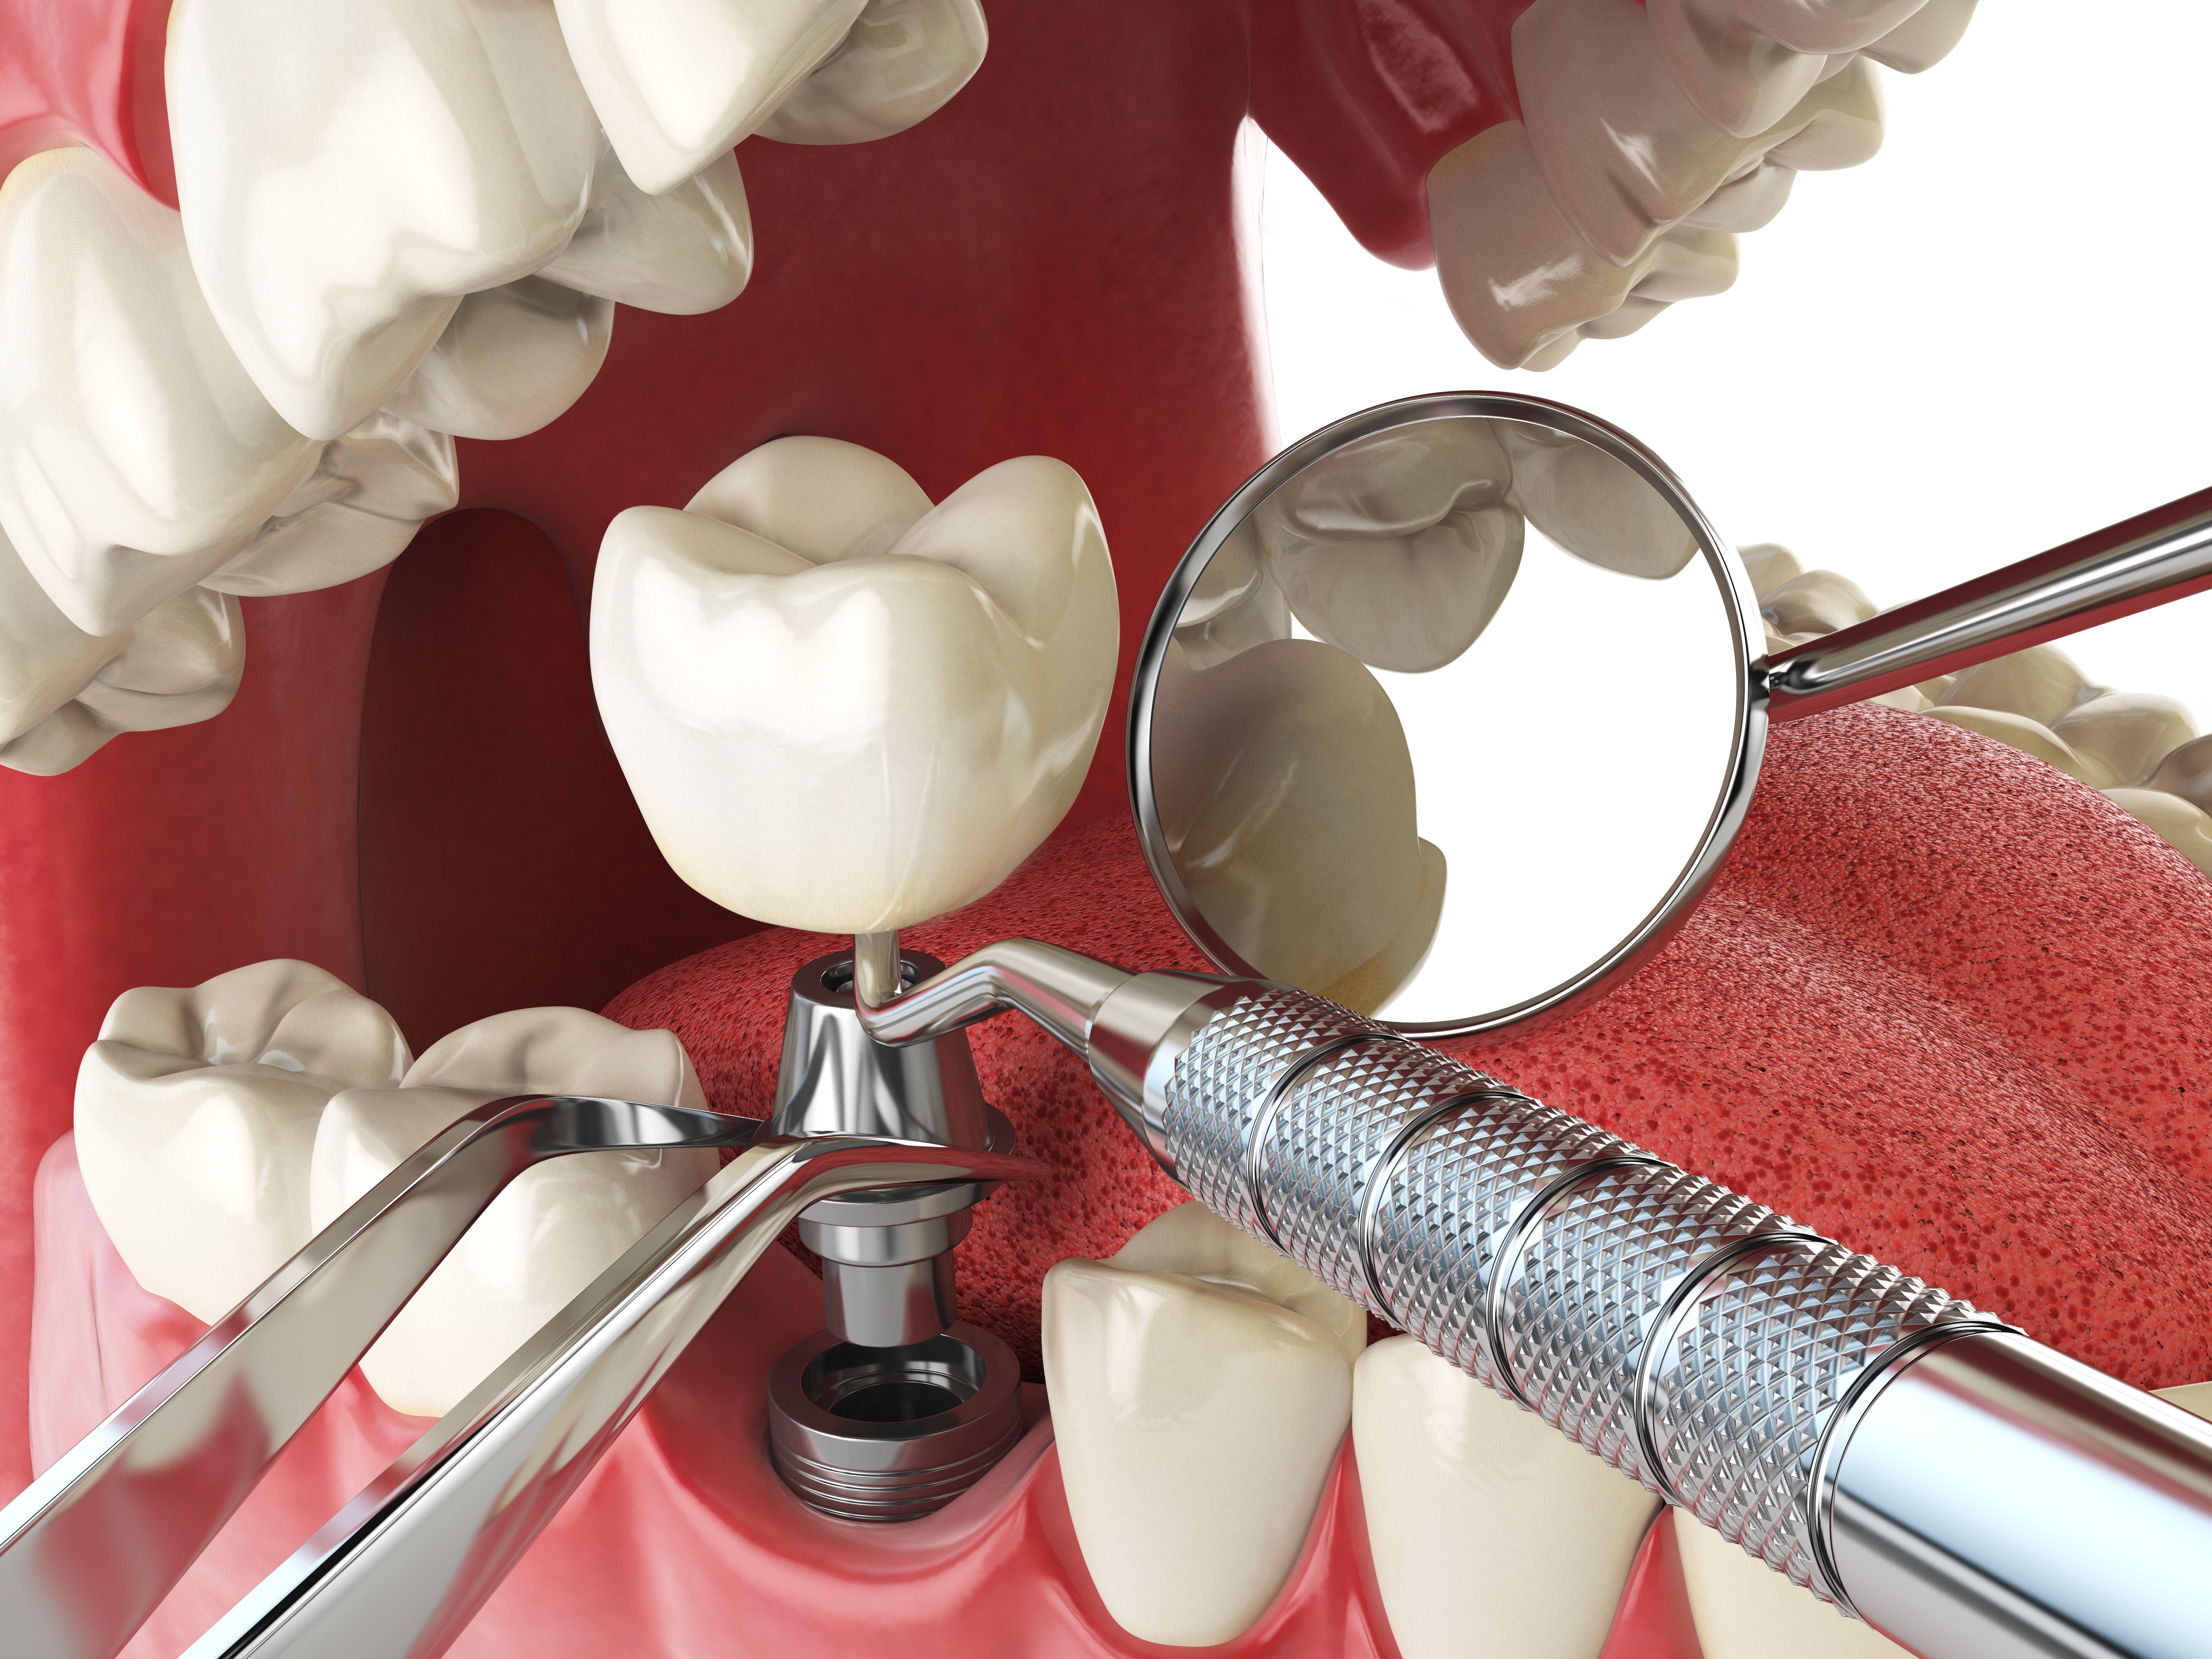 Especialistas en implantes dentales en Fuenlabrada